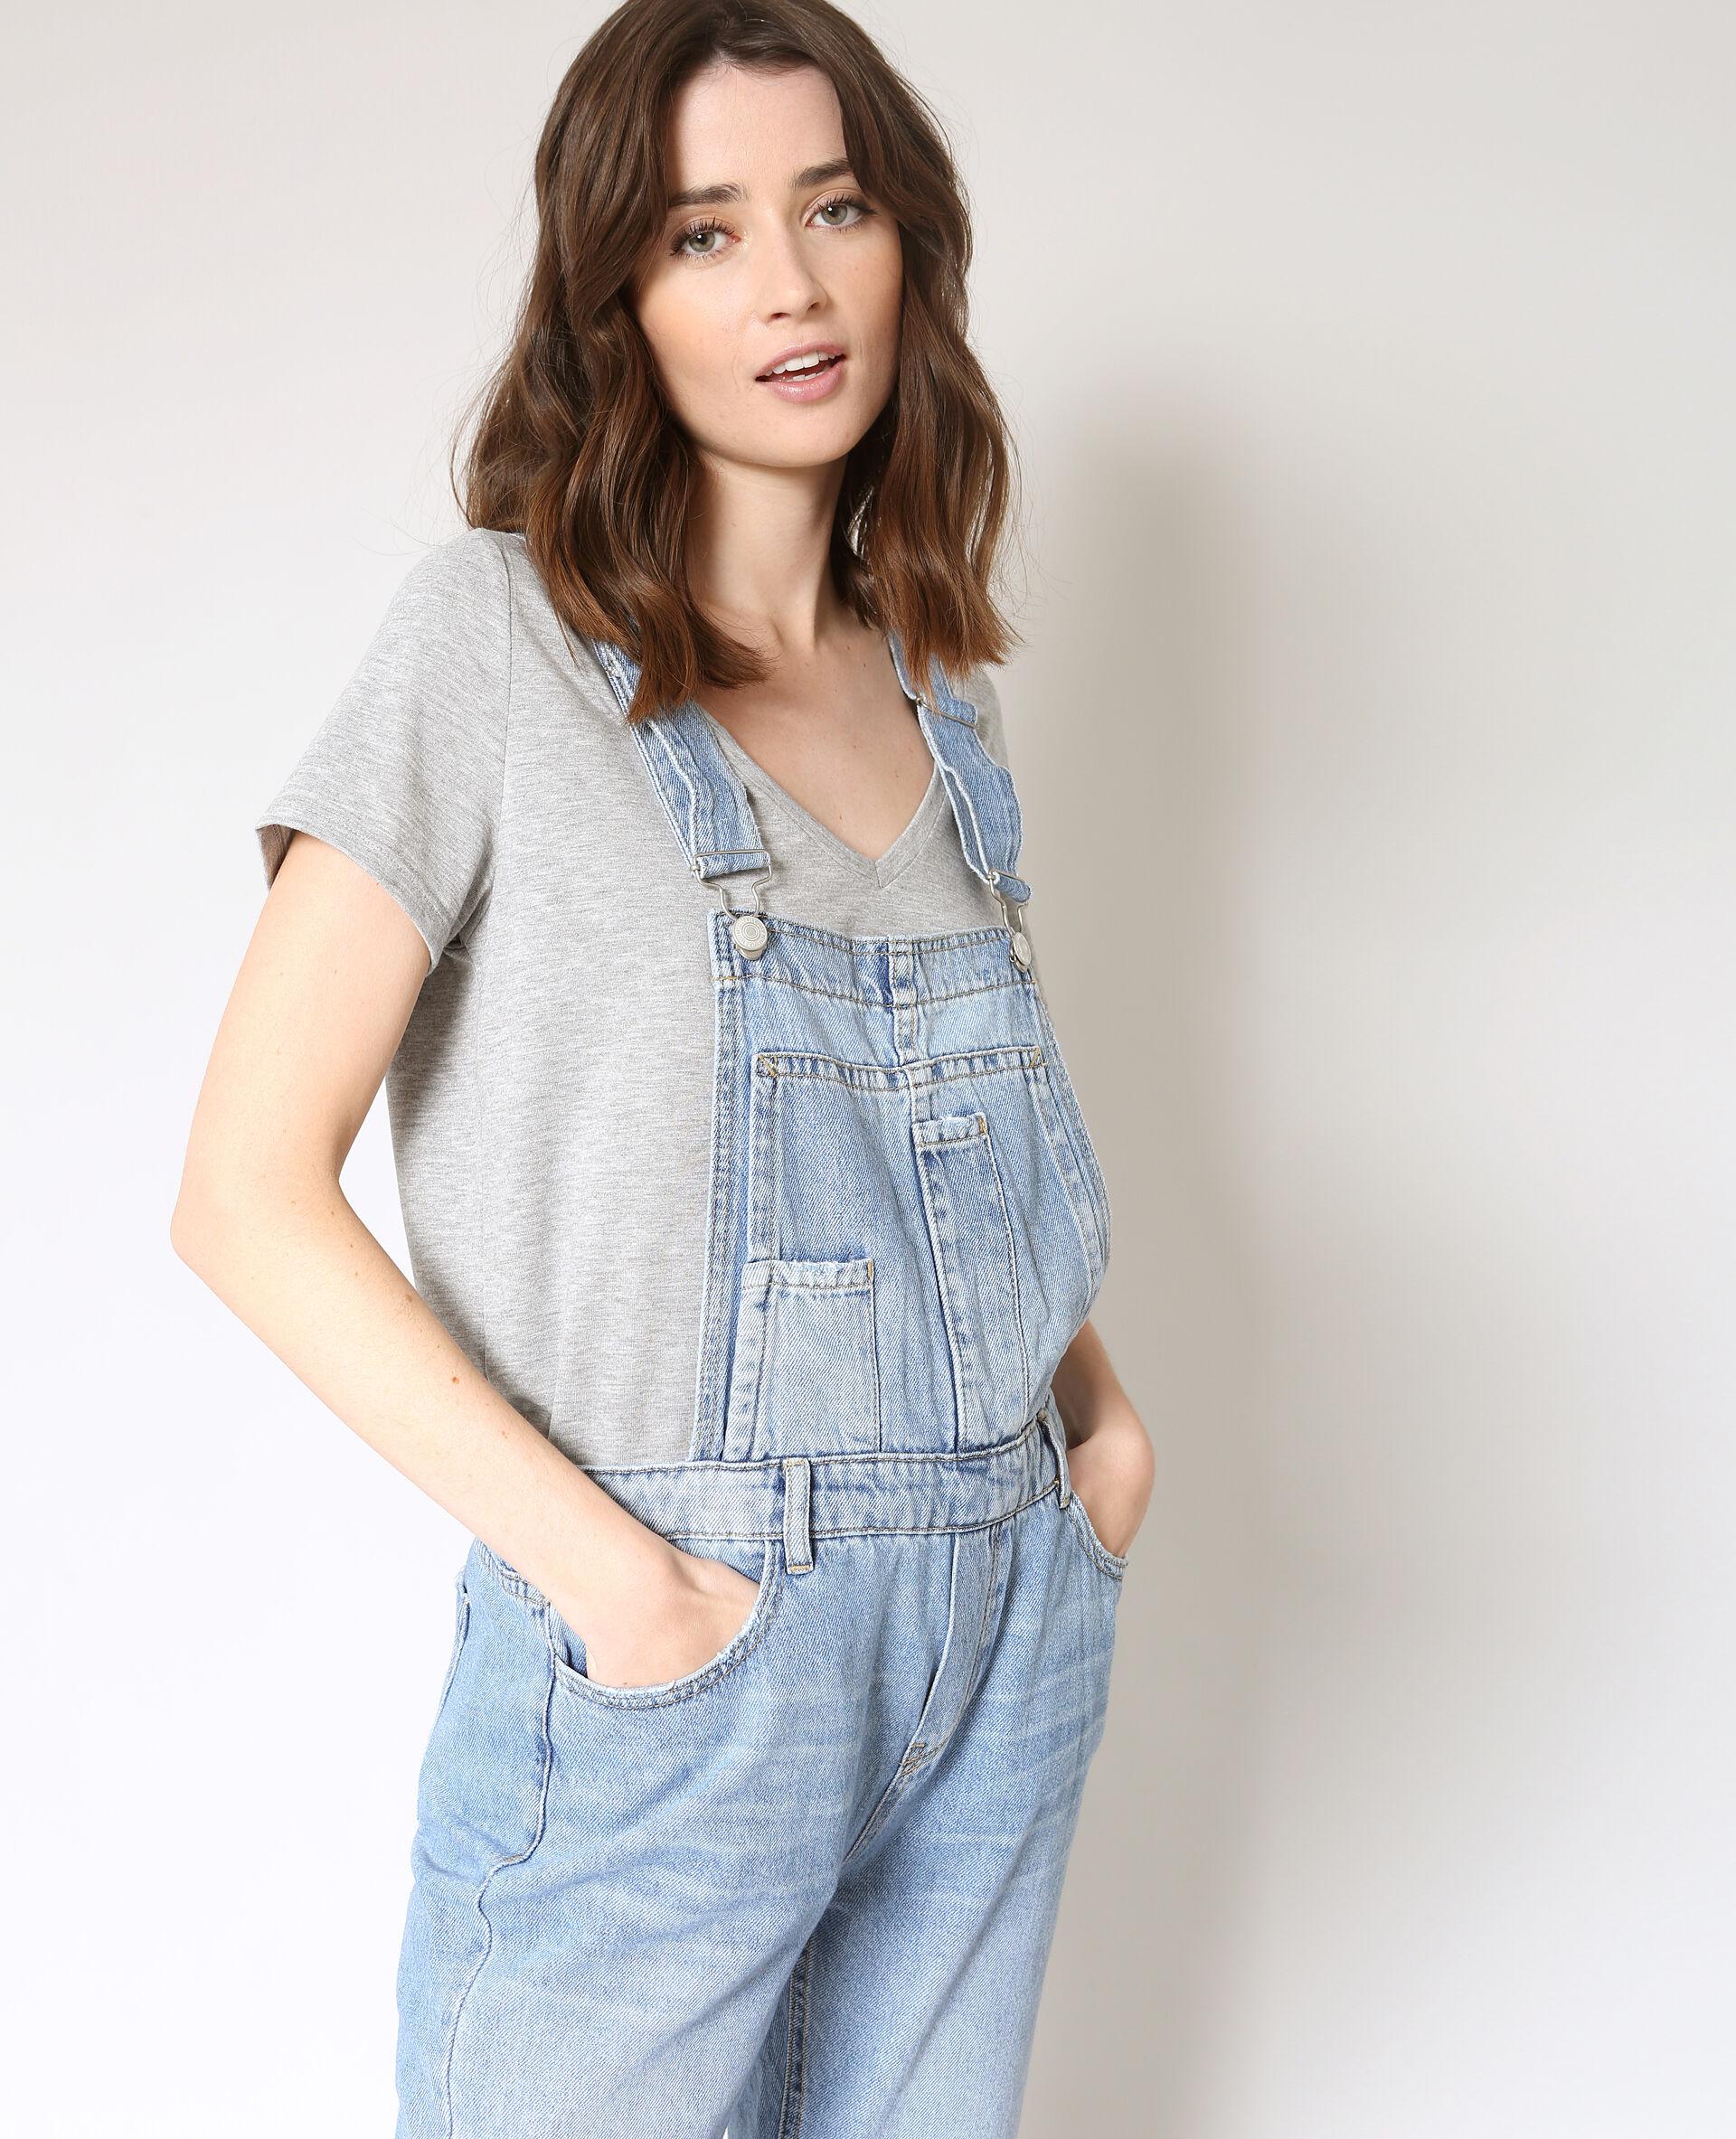 ✅Salopette en jean Femme - Couleur bleu denim - Taille 34 - PIMKIE - MODE FEMME